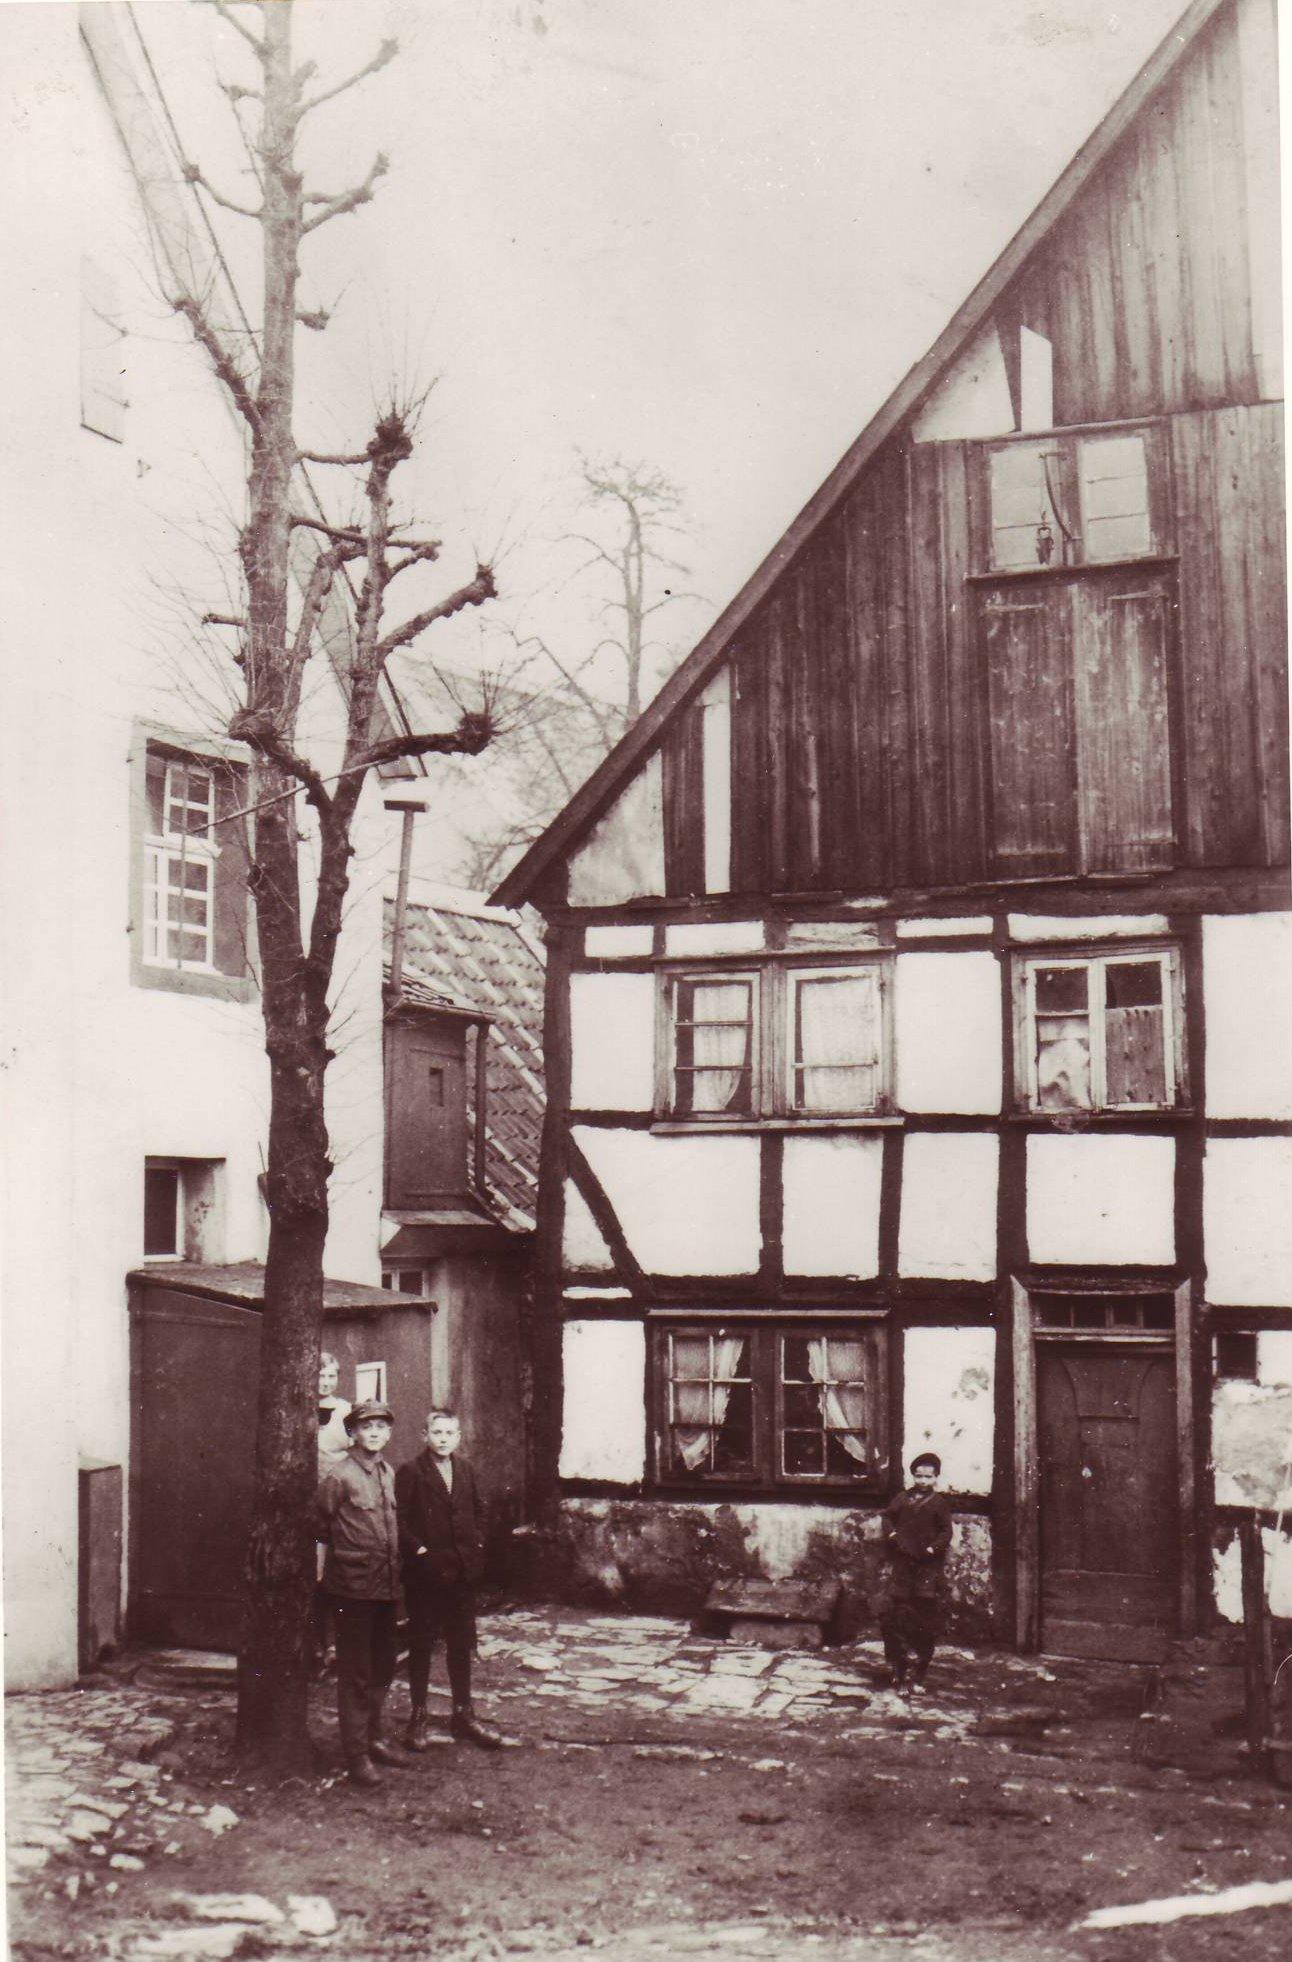 BreckCafe-Braunsches Haus